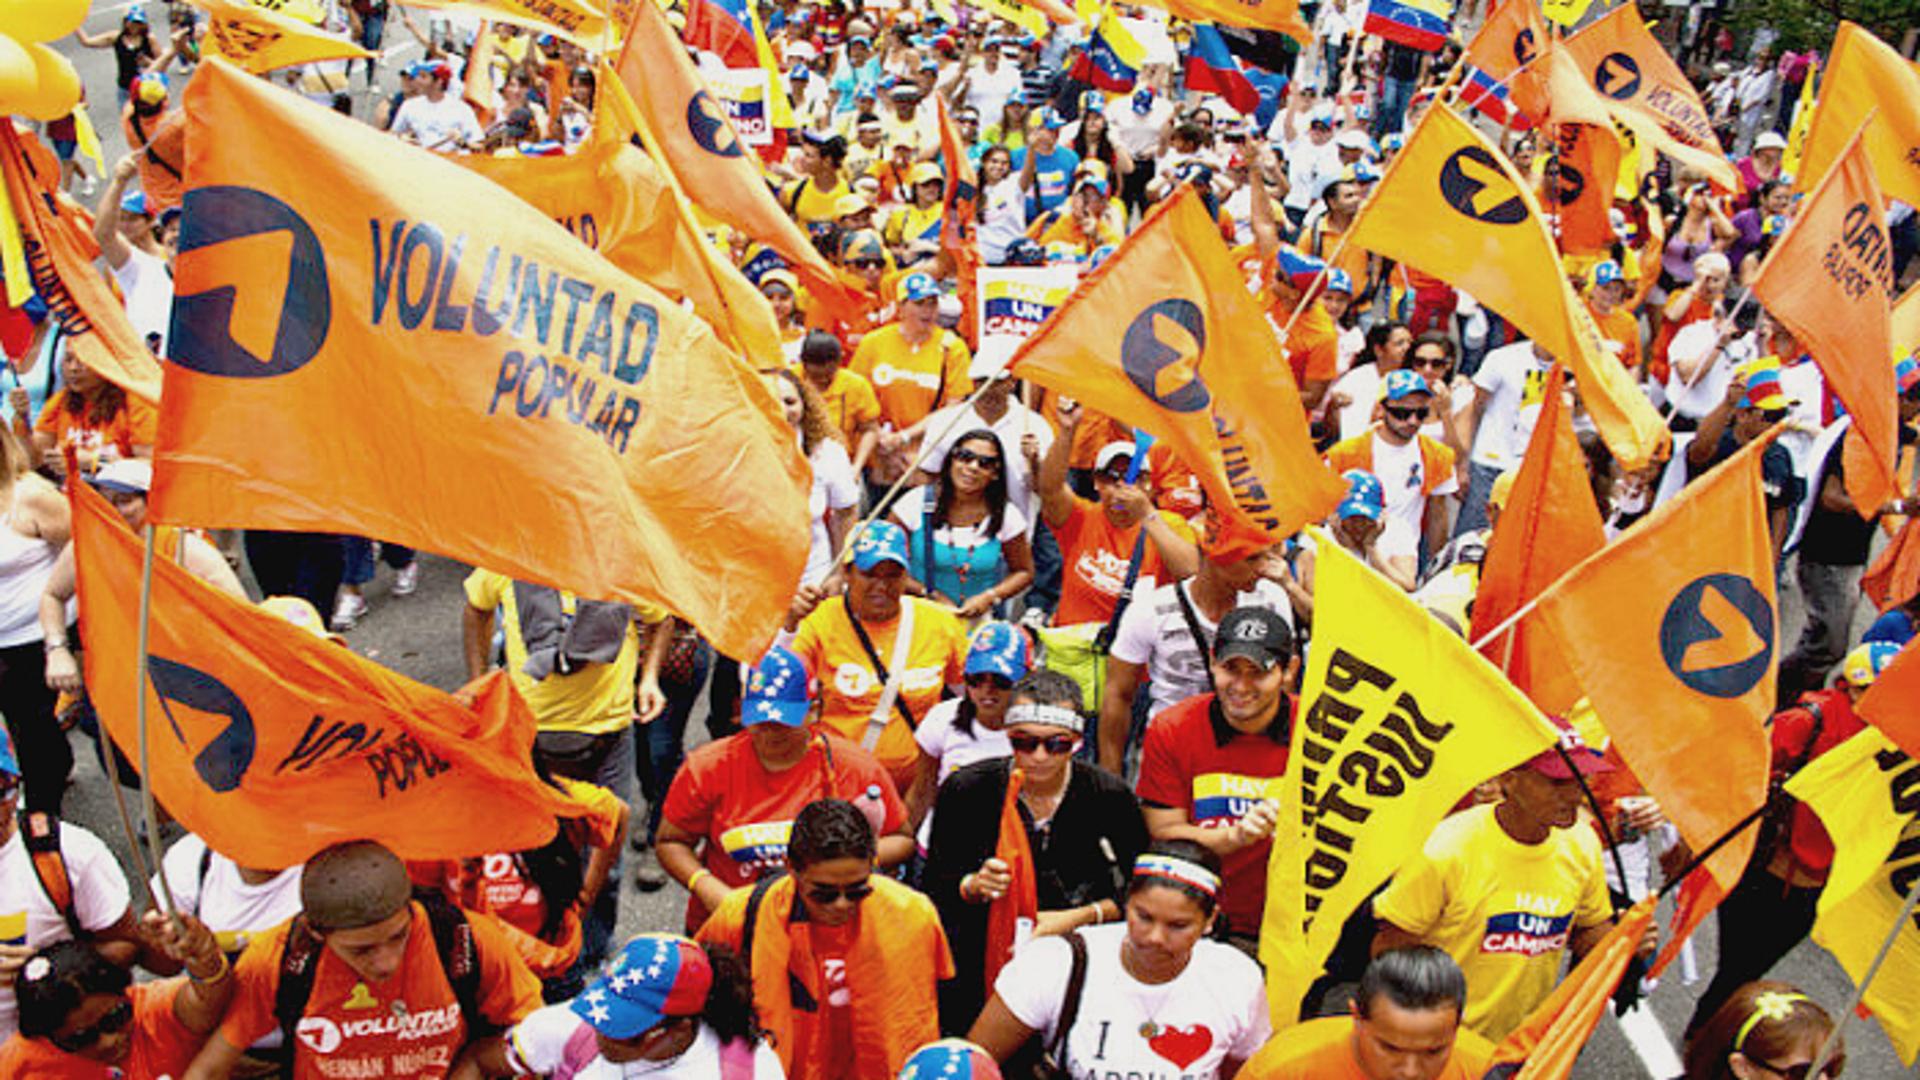 Voluntad Popular pide libertad para todos los presos políticos civiles y militares